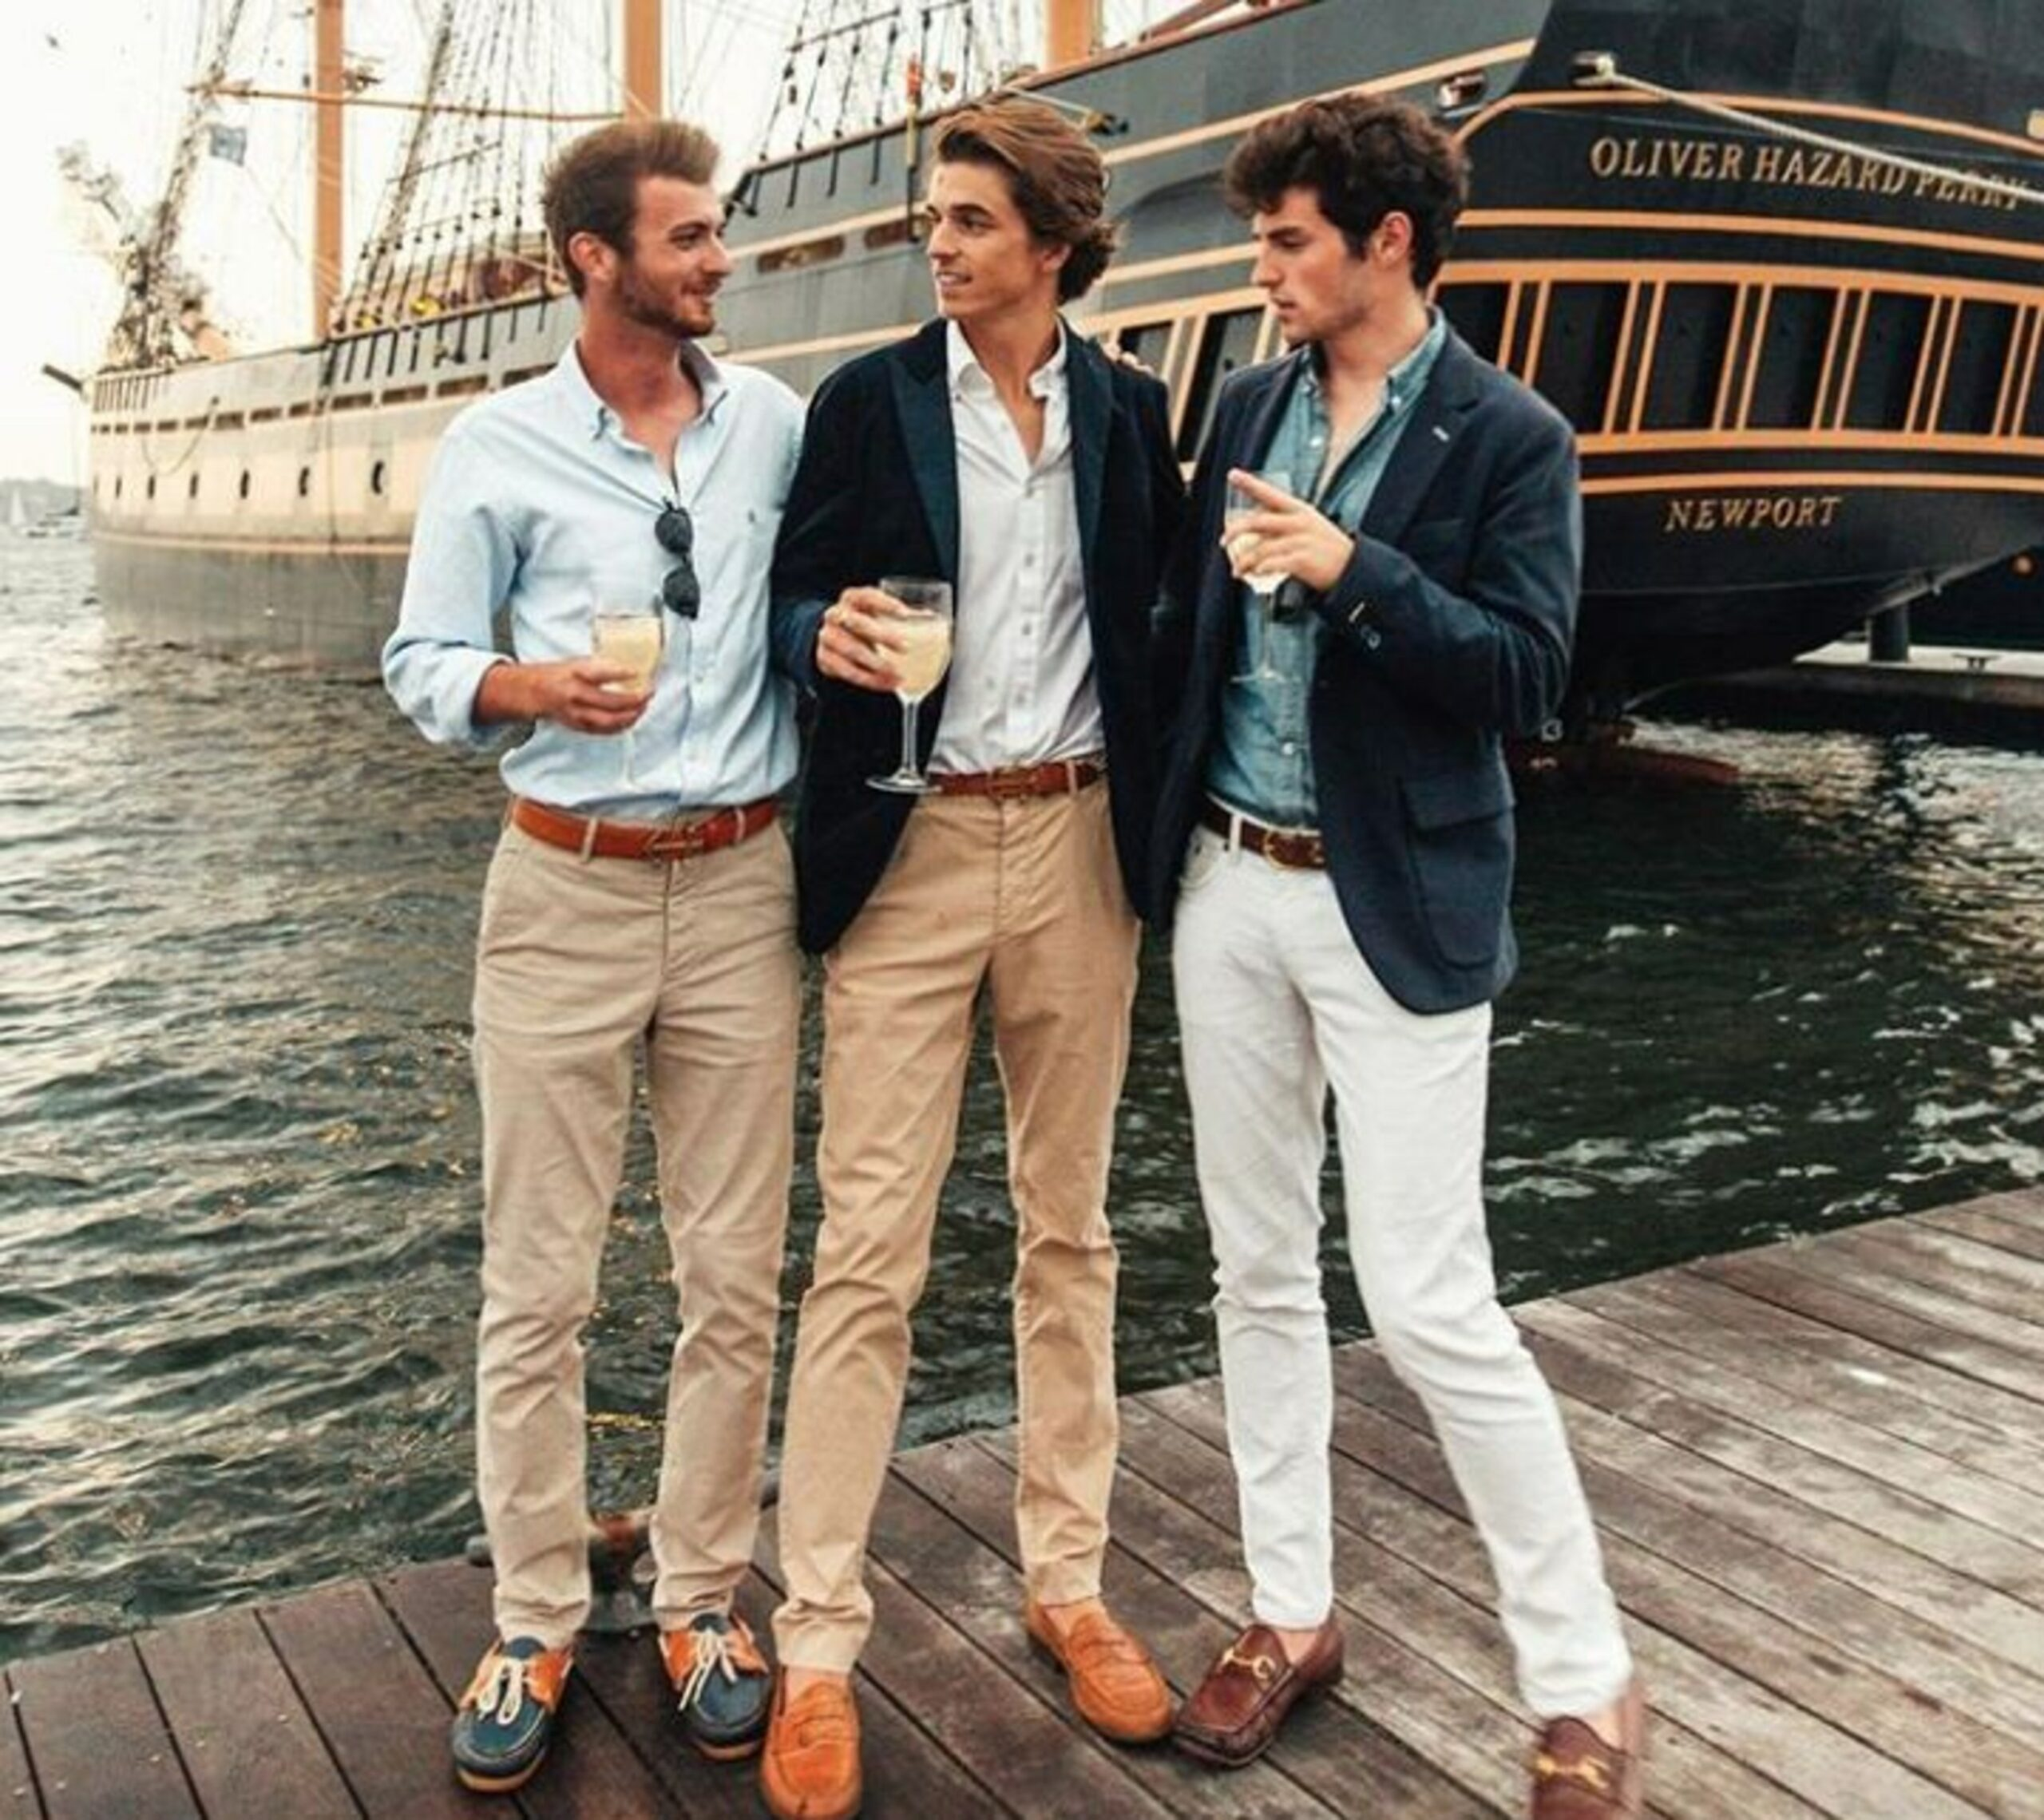 Ce que vous vous dites en voyant ce genre de tenues : « gosses de riches », « fils à papa », etc. Alors imaginez comme l'amalgame est vite fait chez ceux qui ne porteront une chemise qu'à l'occasion du troisième mariage de leur tante.